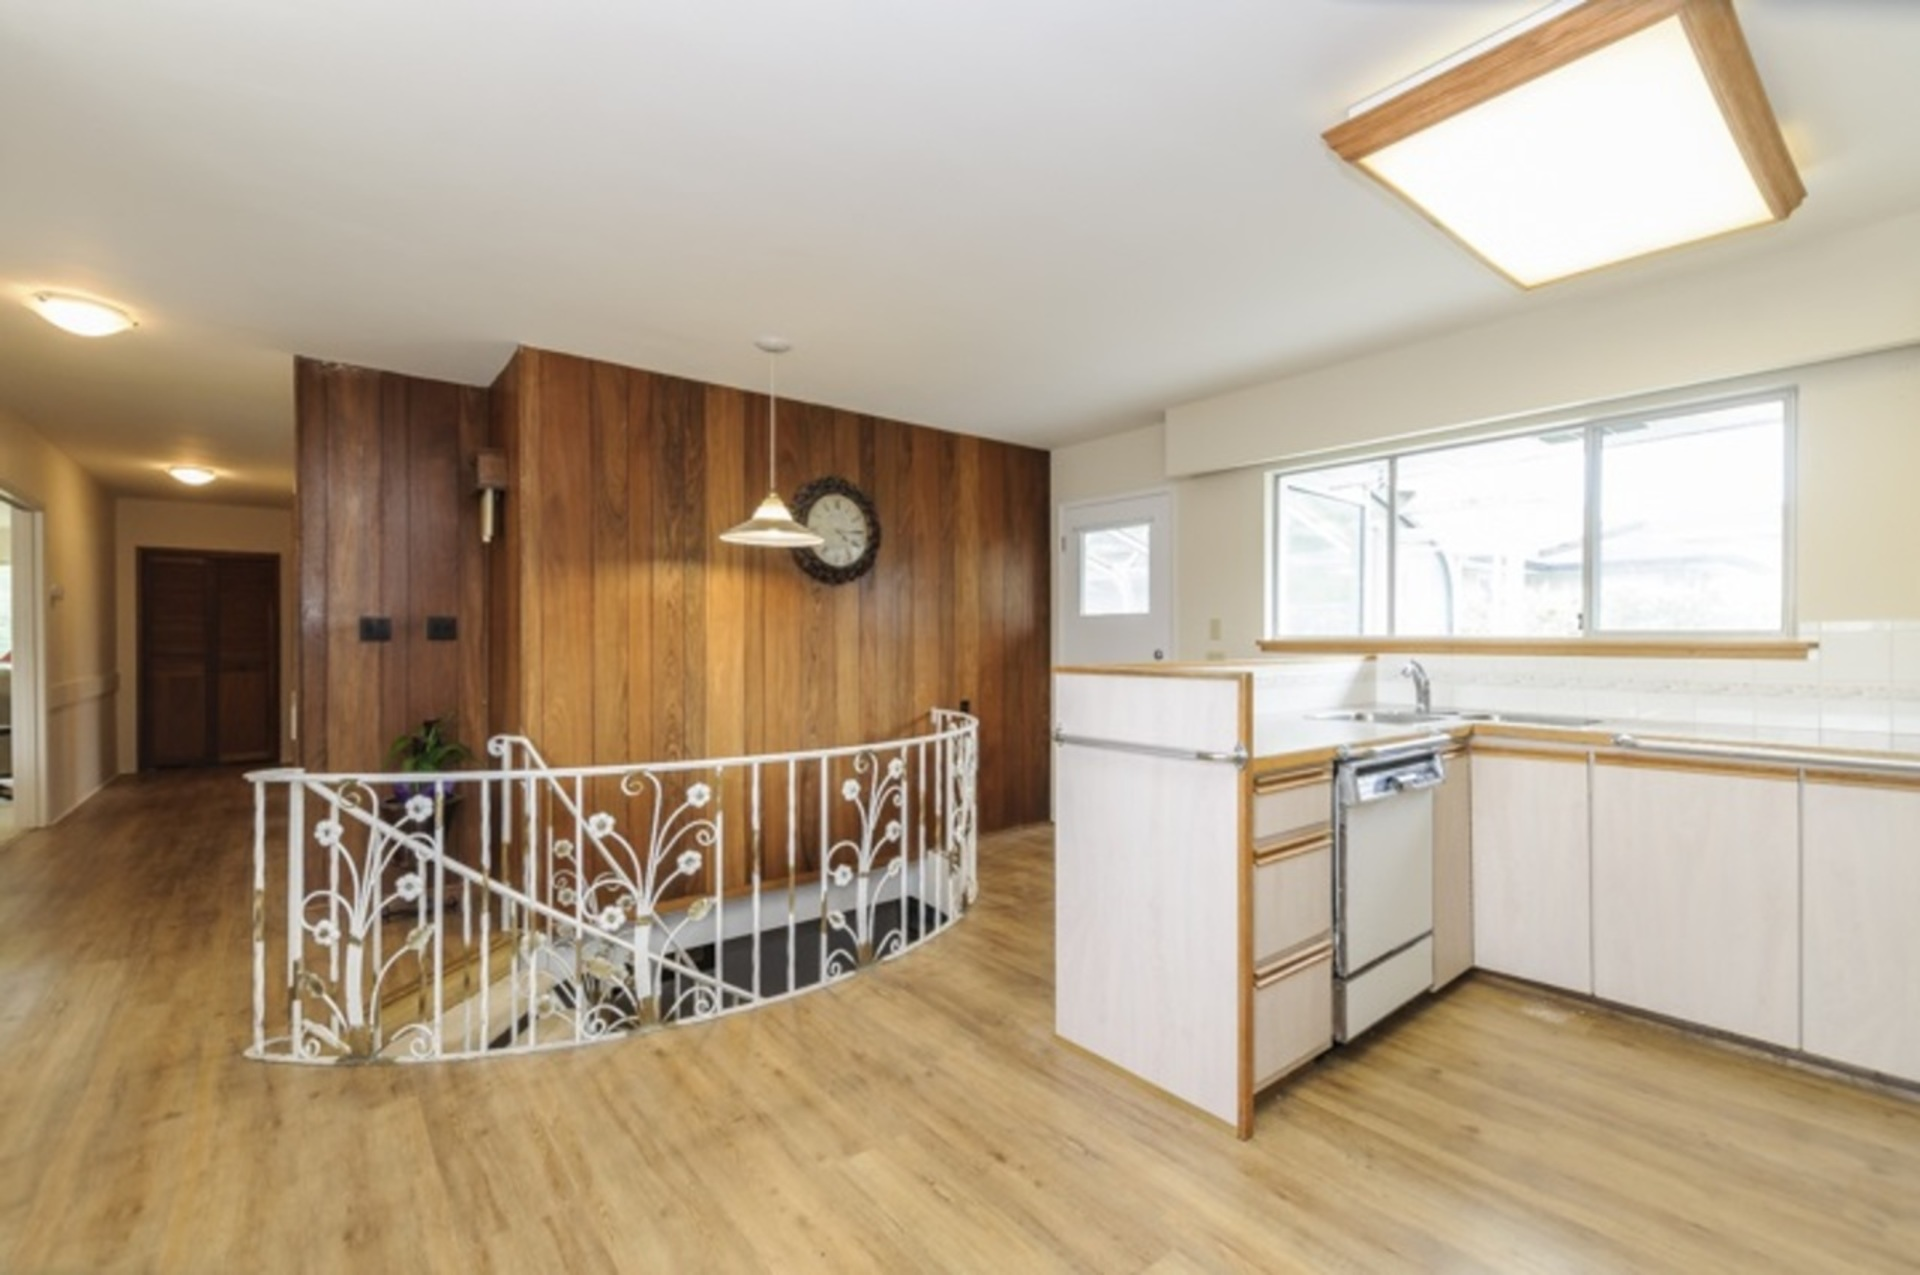 7230-kitchener-street-simon-fraser-univer-burnaby-north-10 at 7230 Kitchener Street, Burnaby North